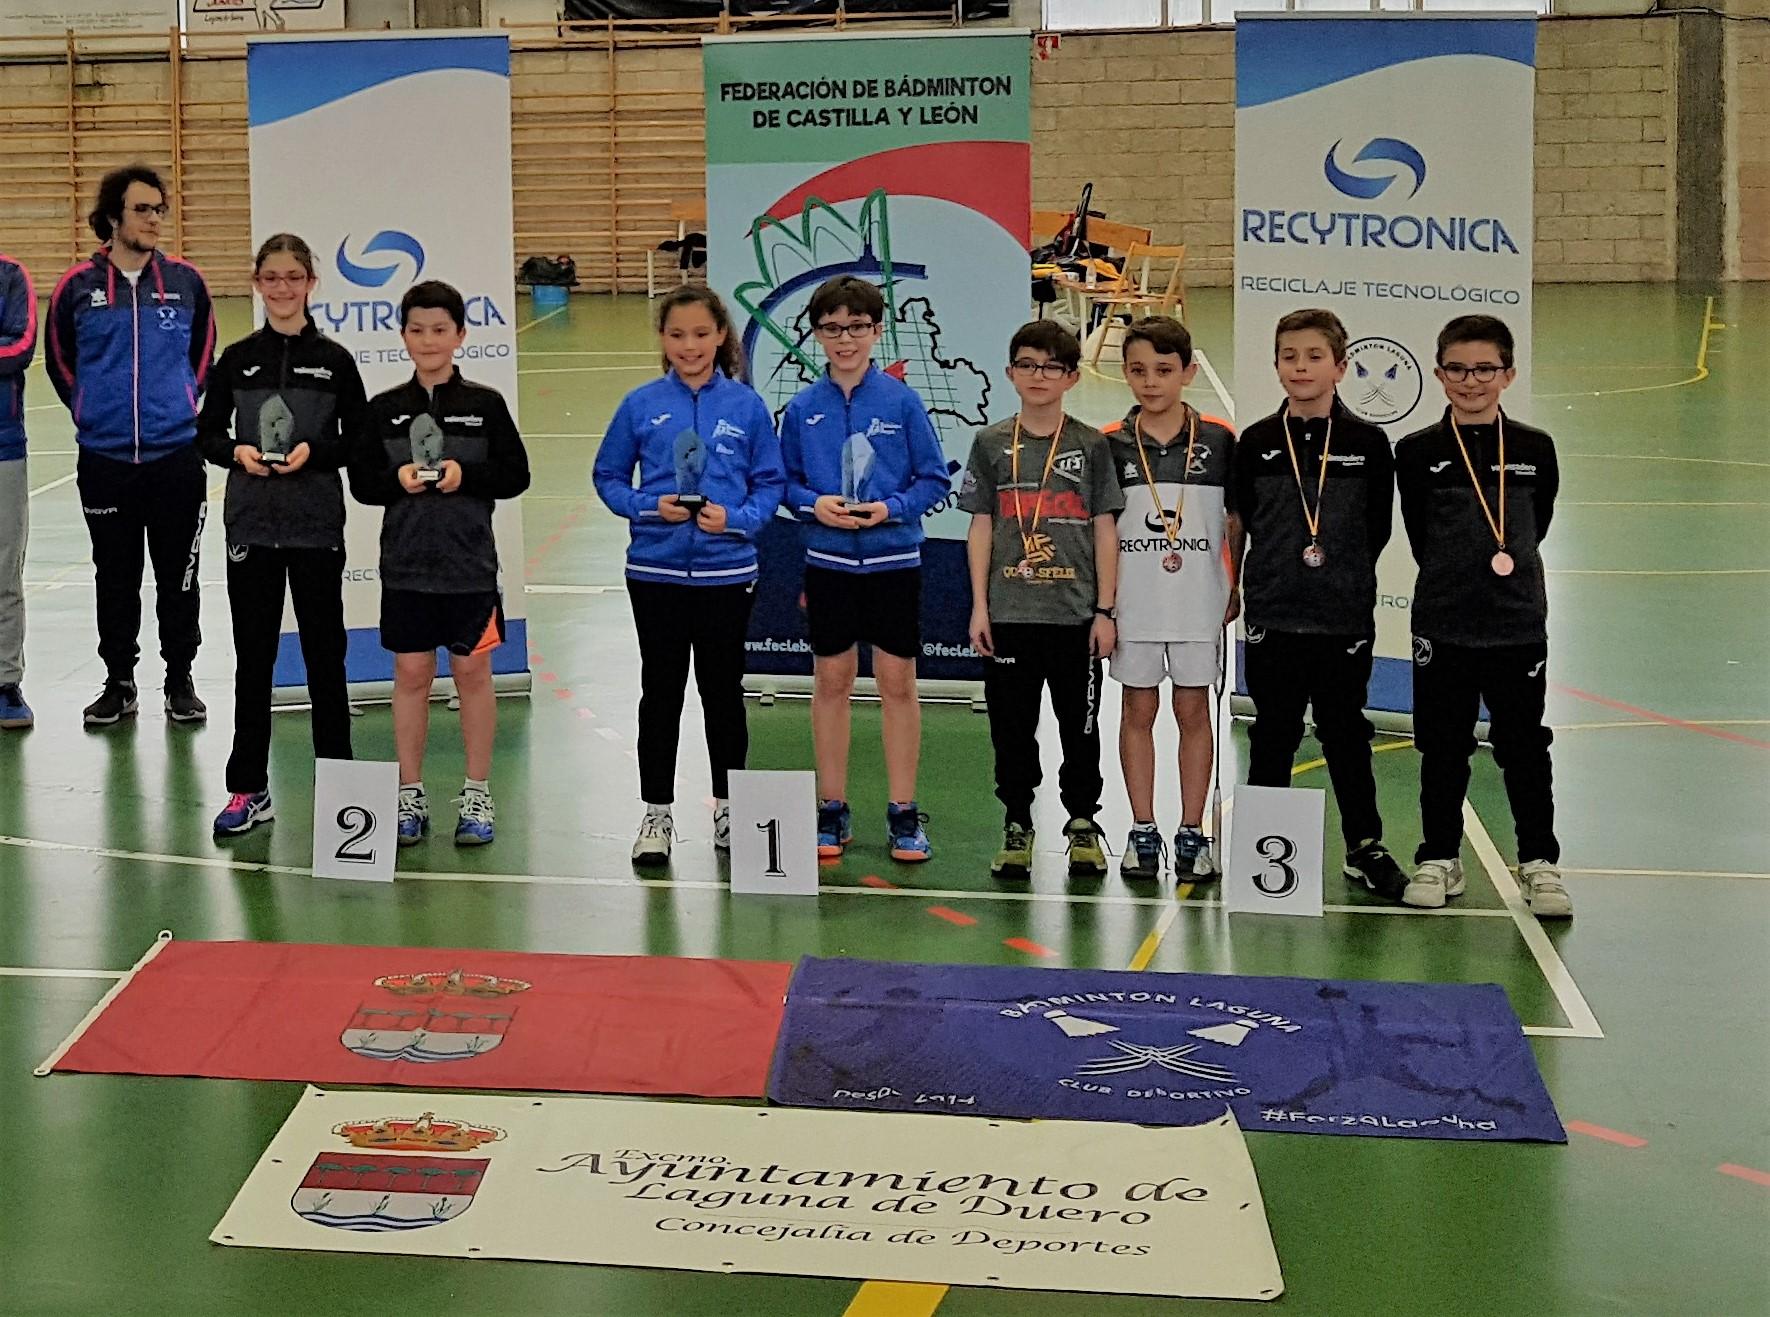 Copia podium